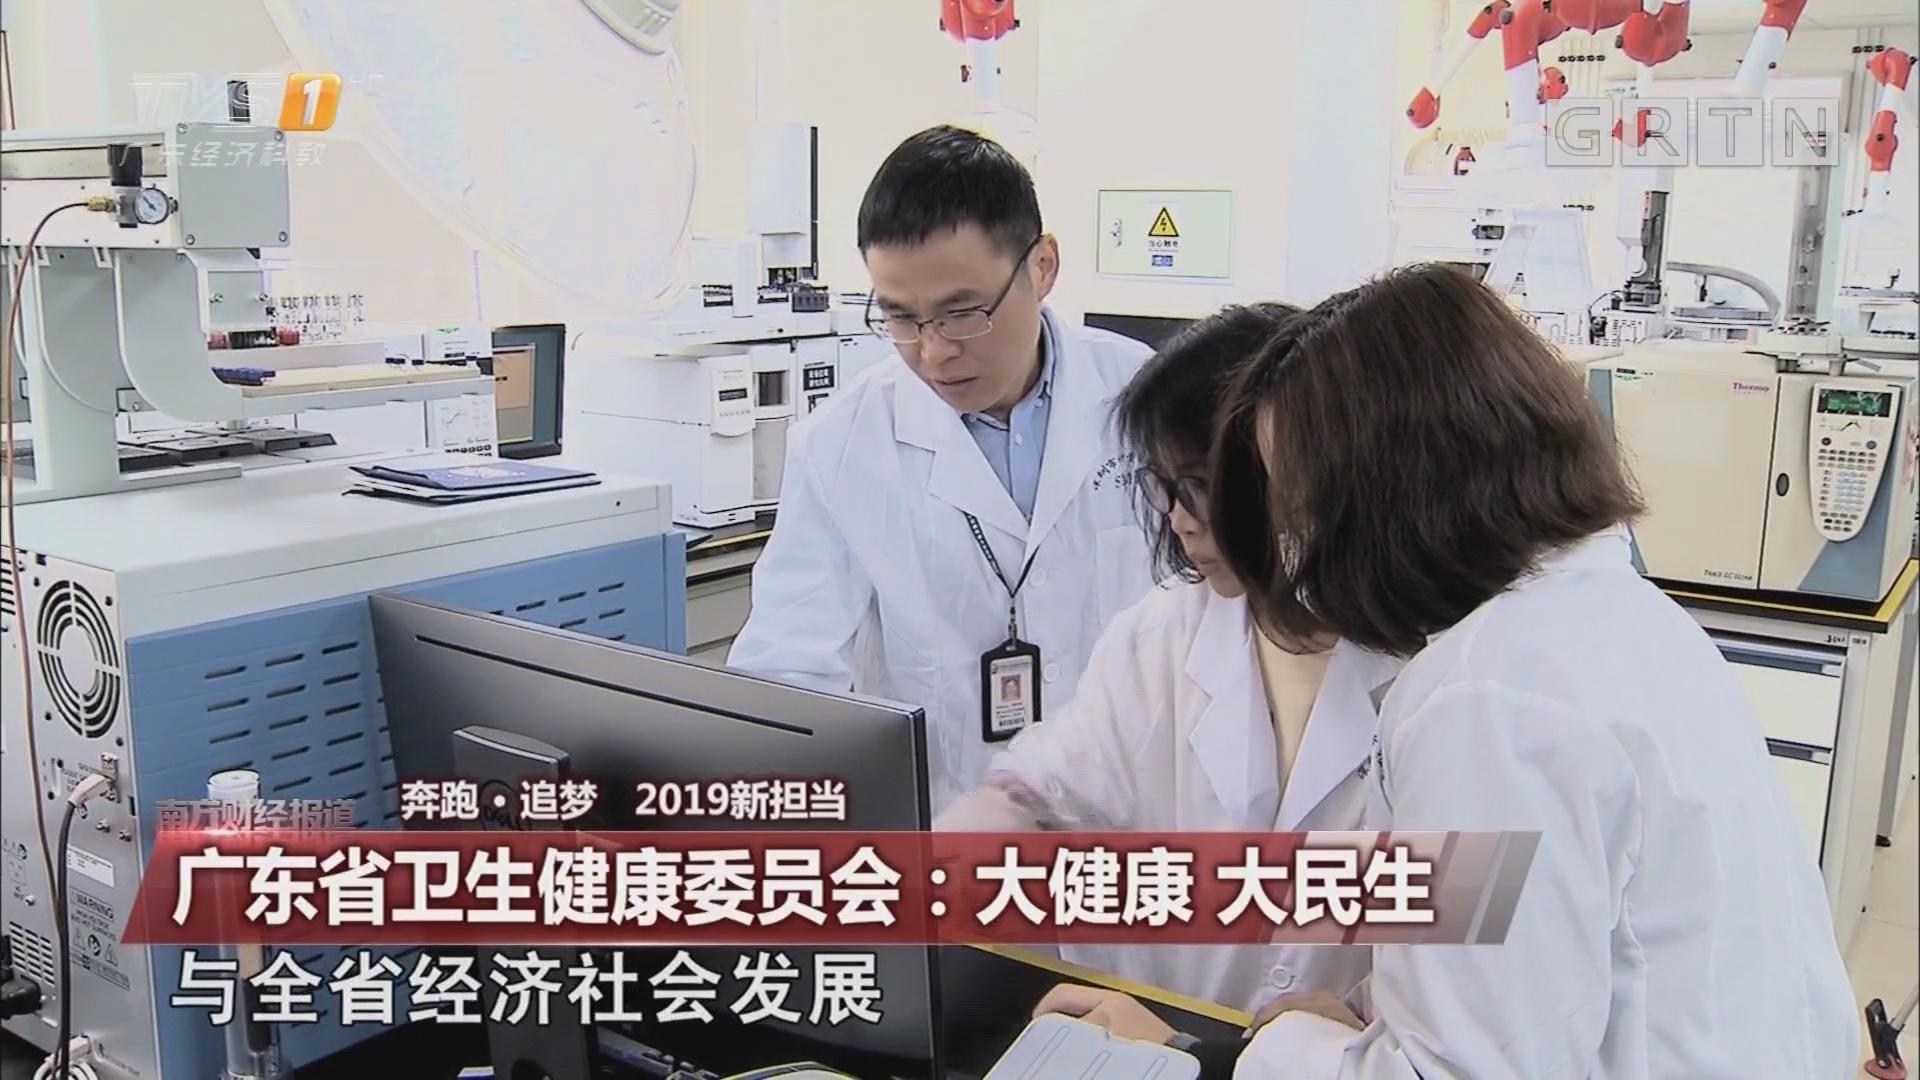 奔跑·追梦 2019新担当 广东省卫生健康委员会:大健康 大民生